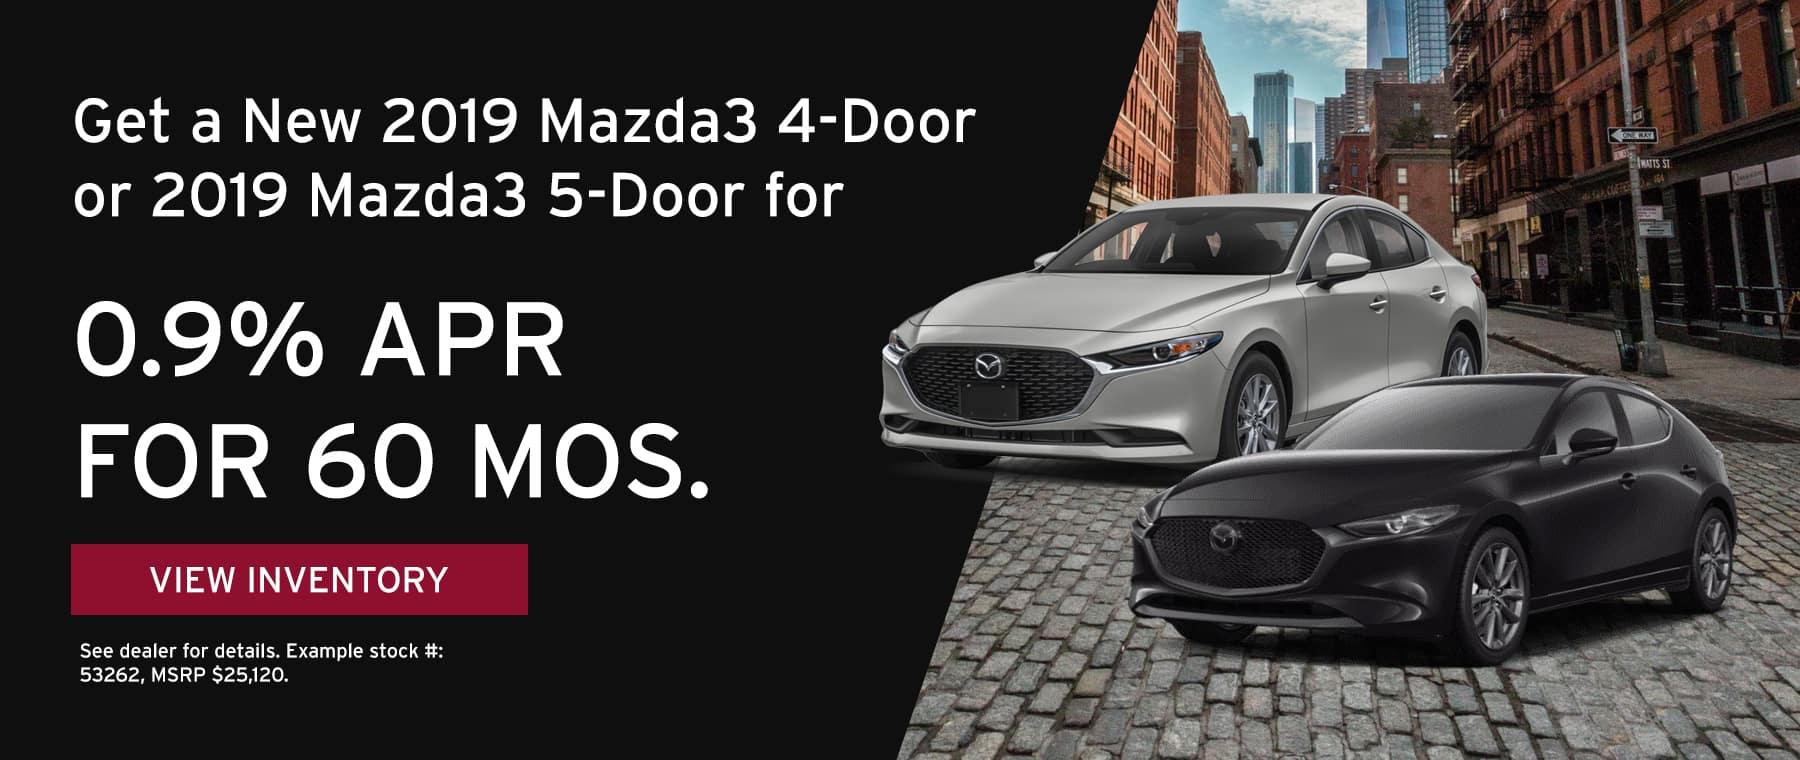 TONOMA_SL_1800x760_Mazda3